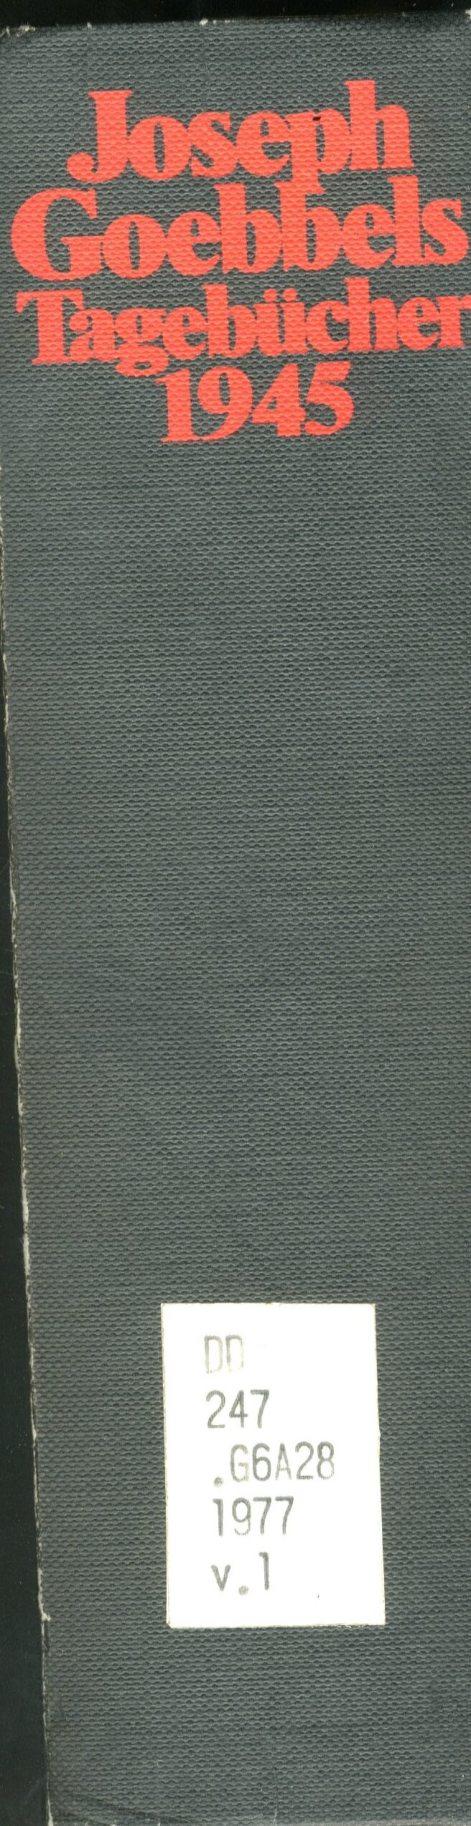 tagenbucher